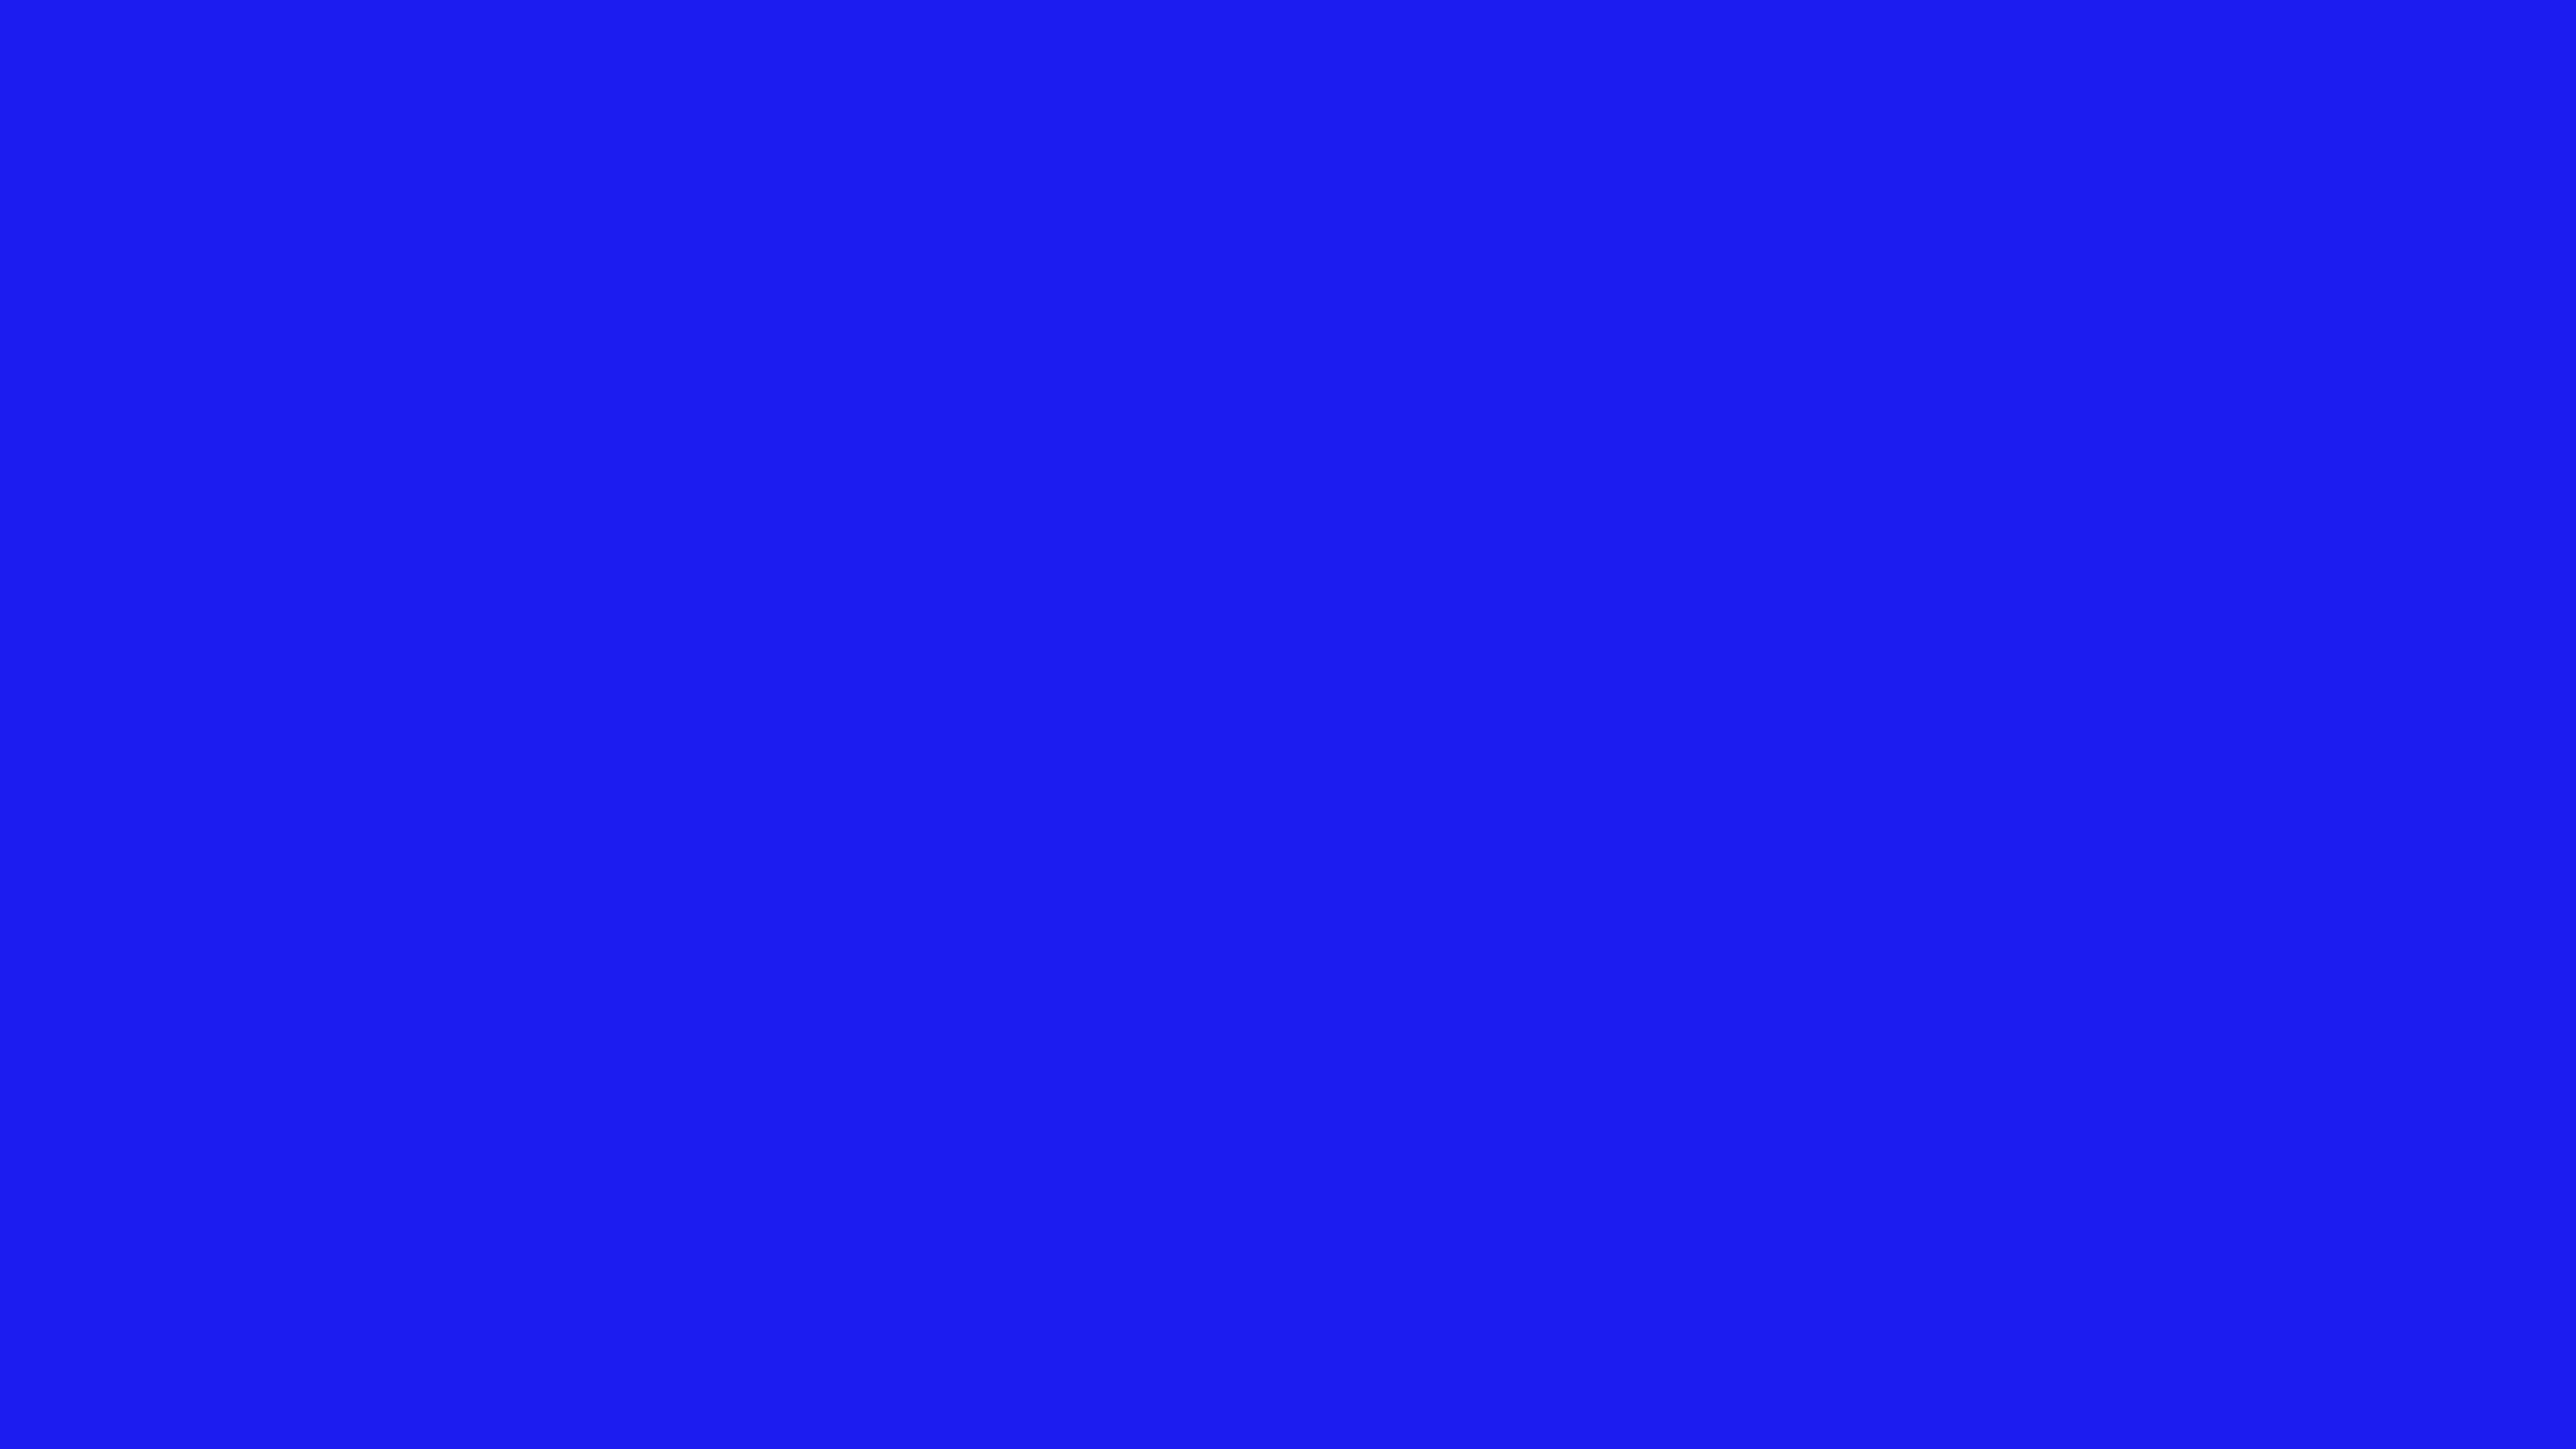 3840x2160 Bluebonnet Solid Color Background